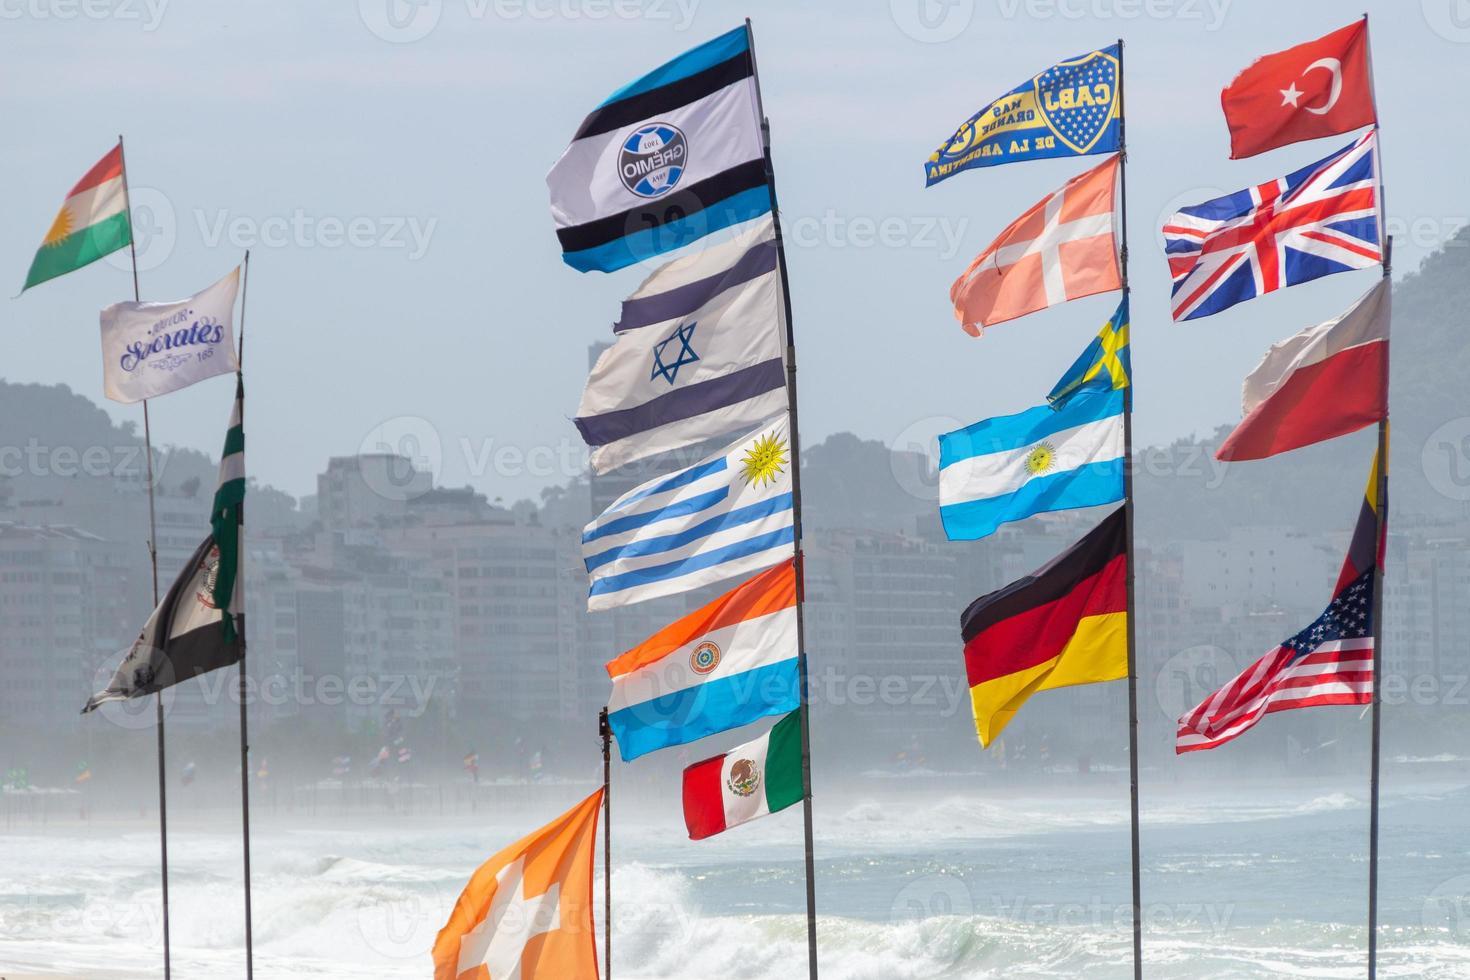 bandeiras de várias nações na praia de copacabana, rio de janeiro, brasil foto